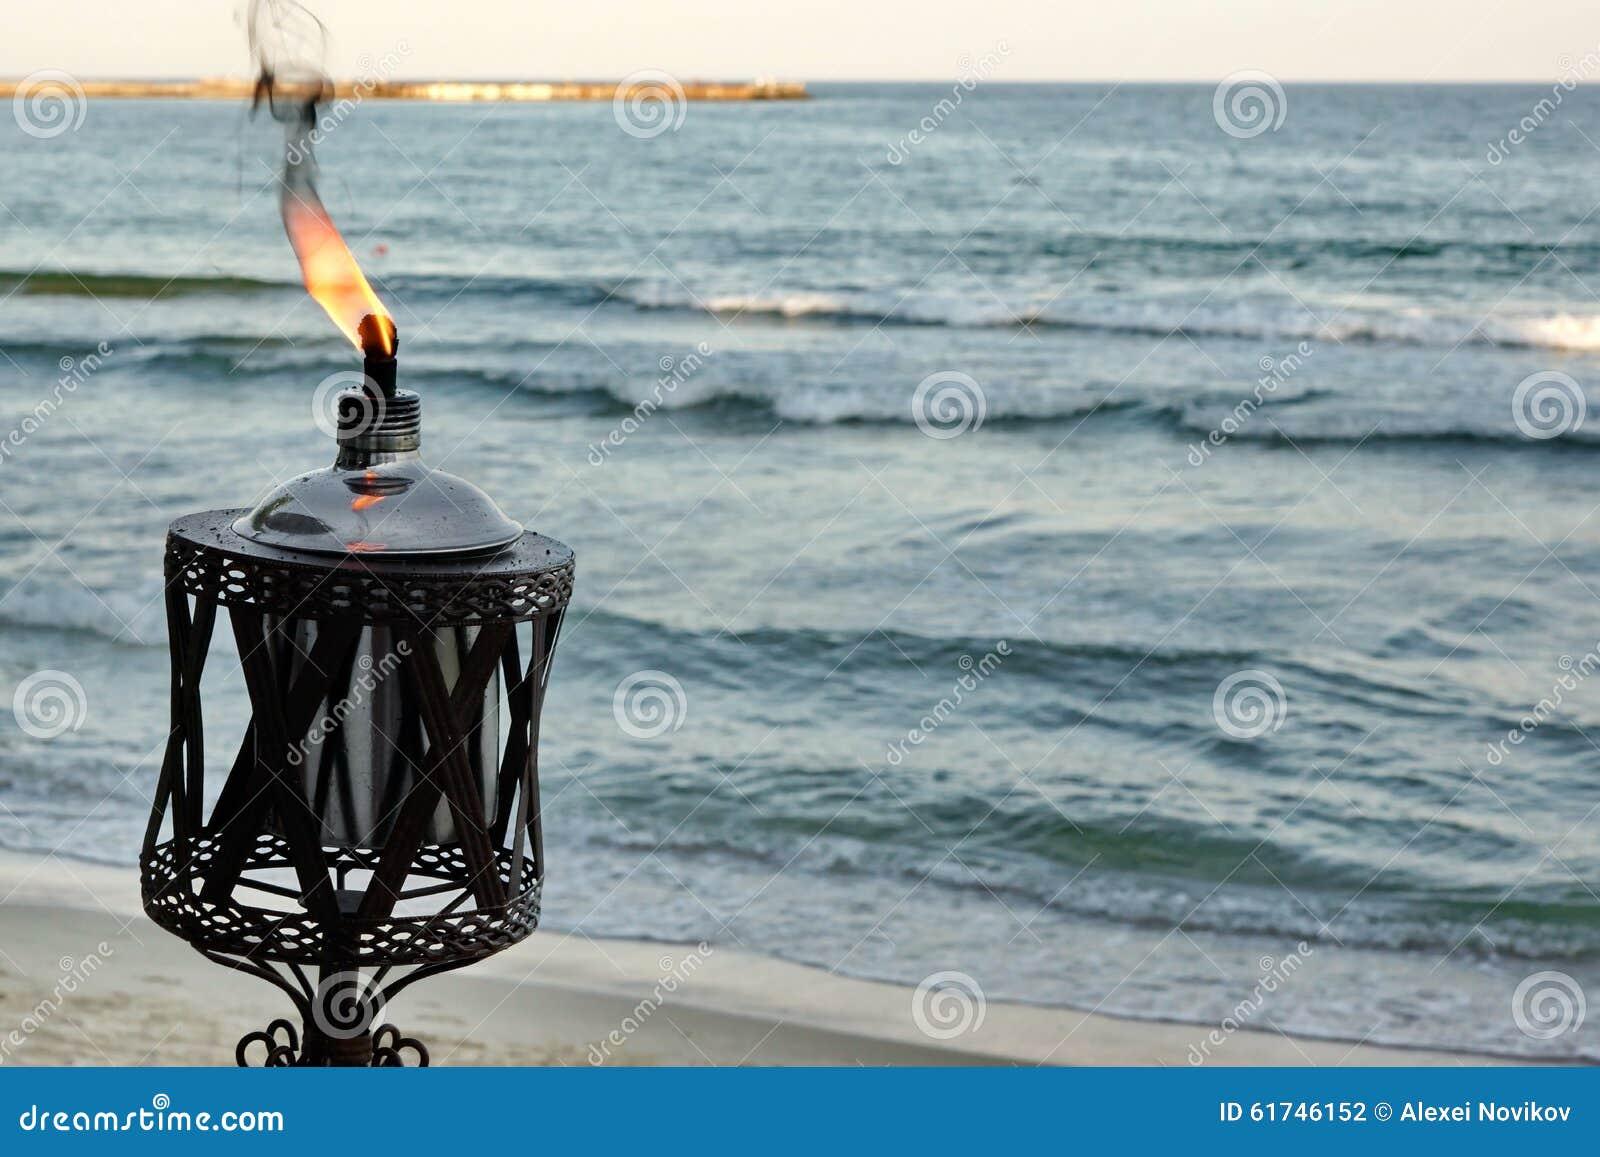 Lampade A Sospensione Allaperto : Lampada a olio all aperto che fiammeggia sulla riva di mare